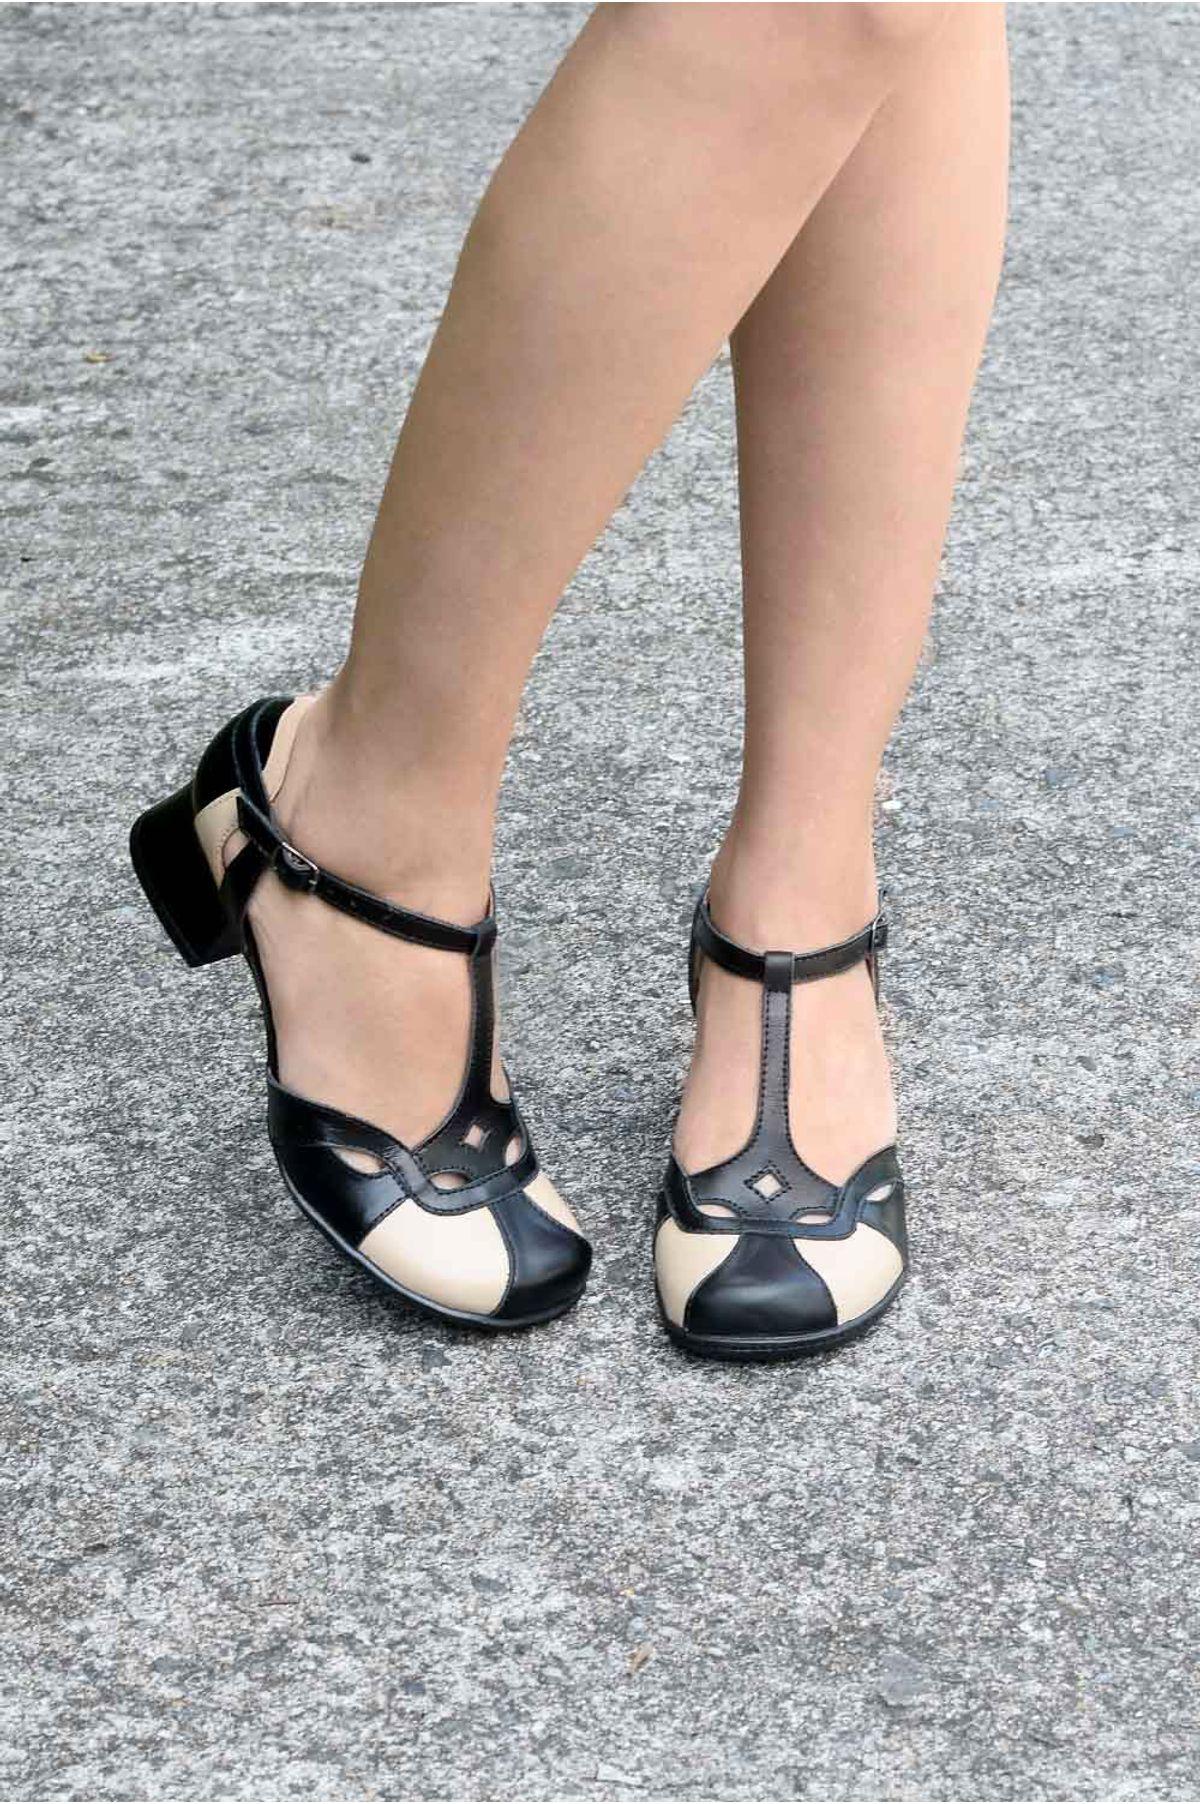 e6f825cfe Sapato Feminino Salto Médio Maneva Mundial CR-PRETO - Mundial Calçados